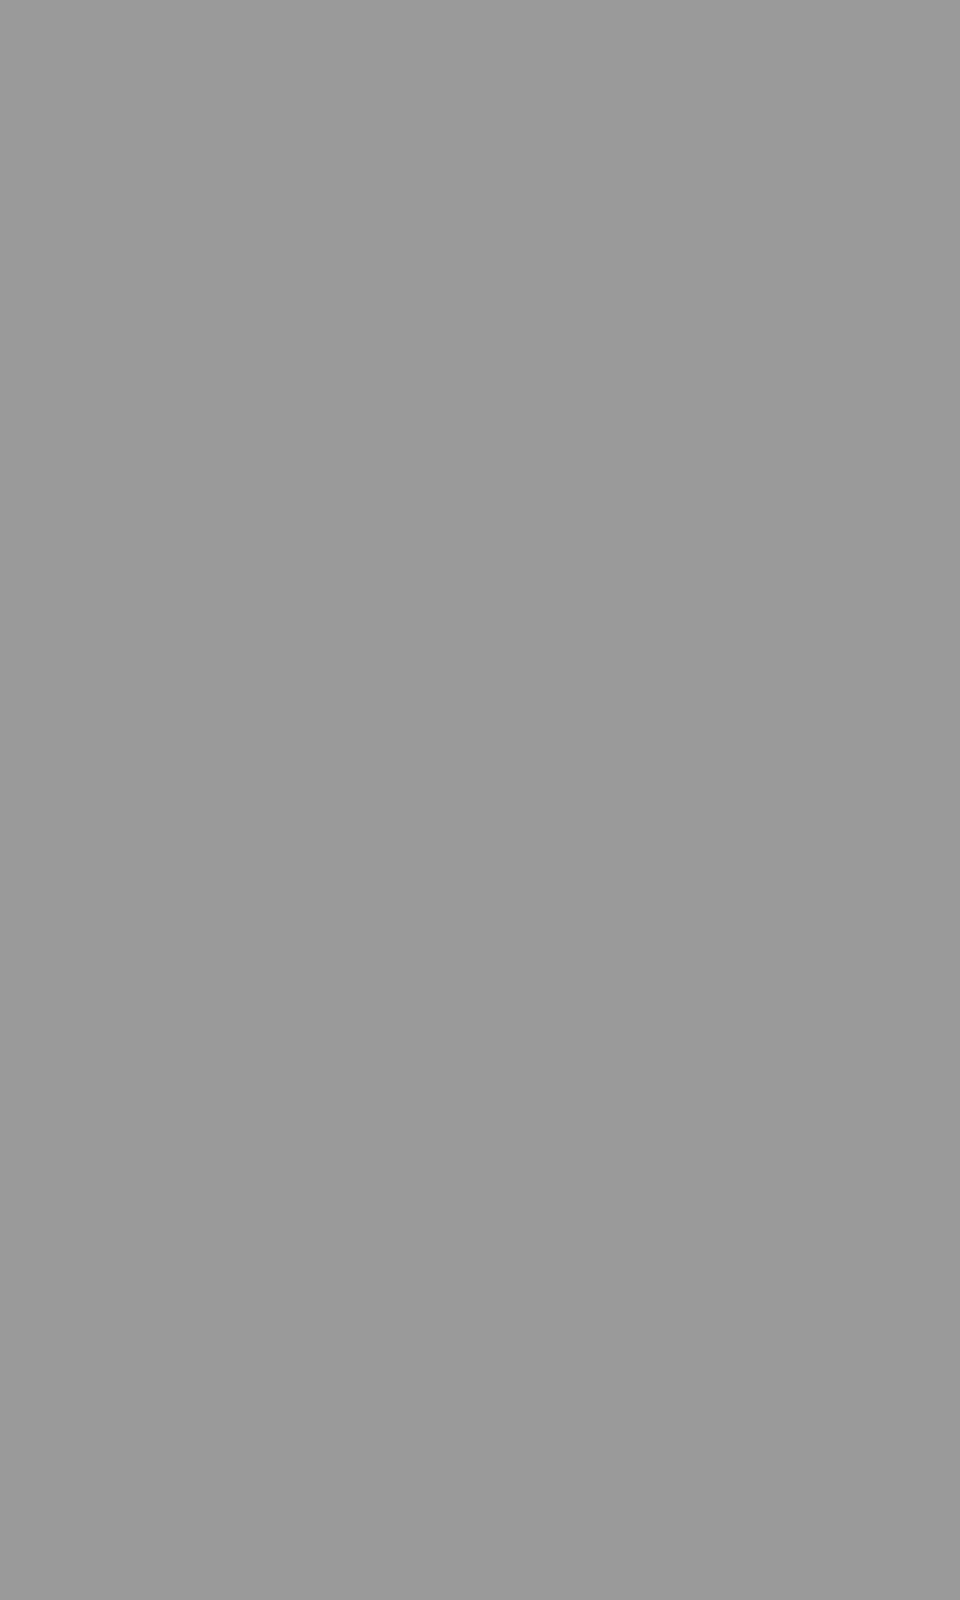 Flat-Grey